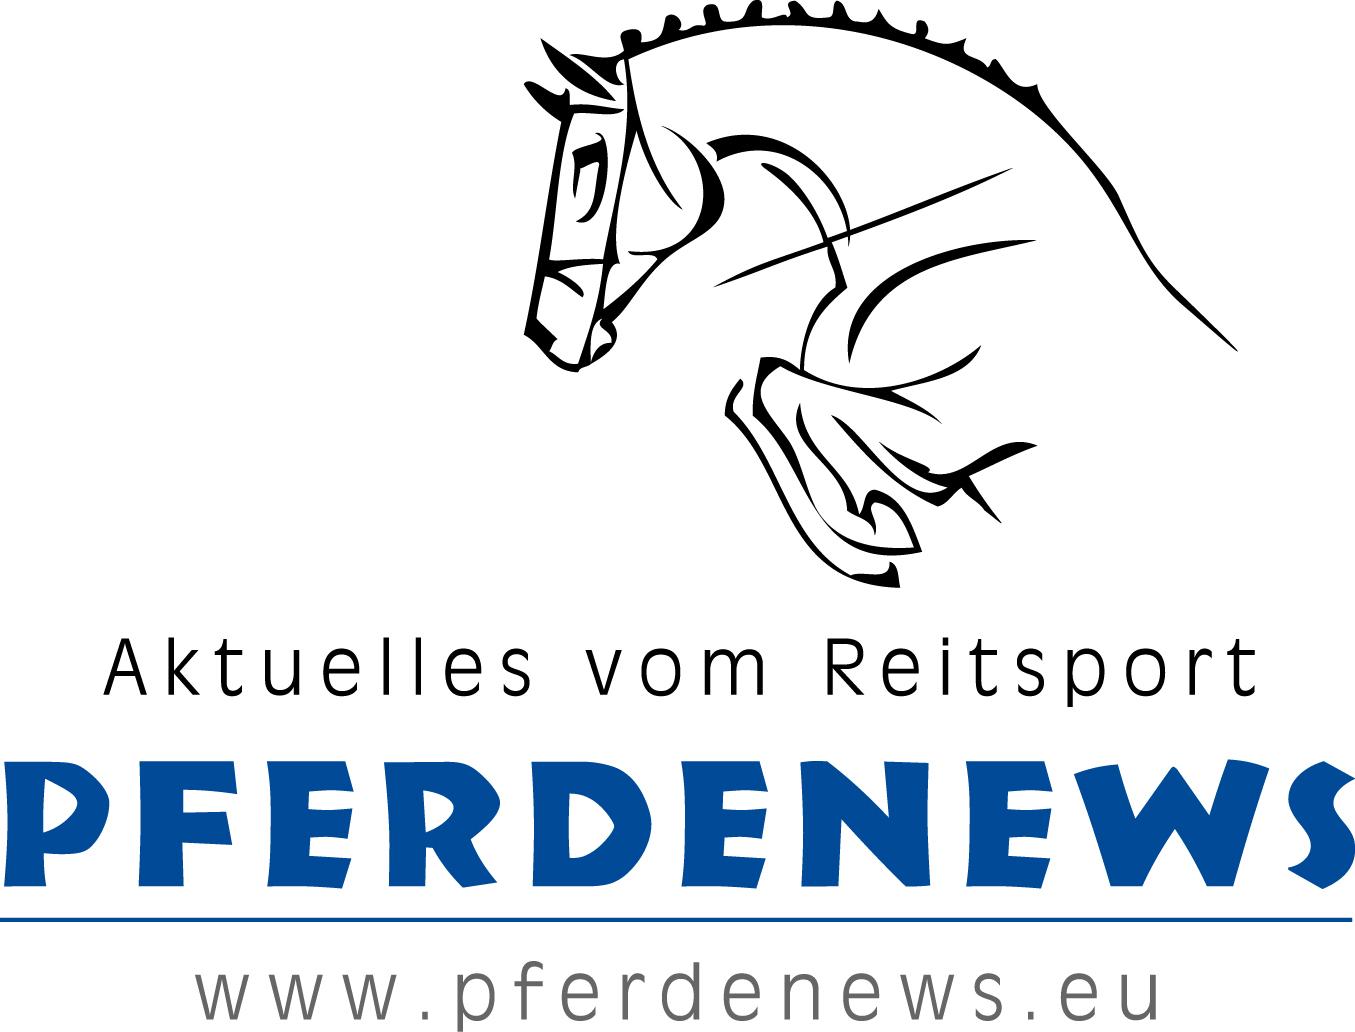 www.pferdenews.eu